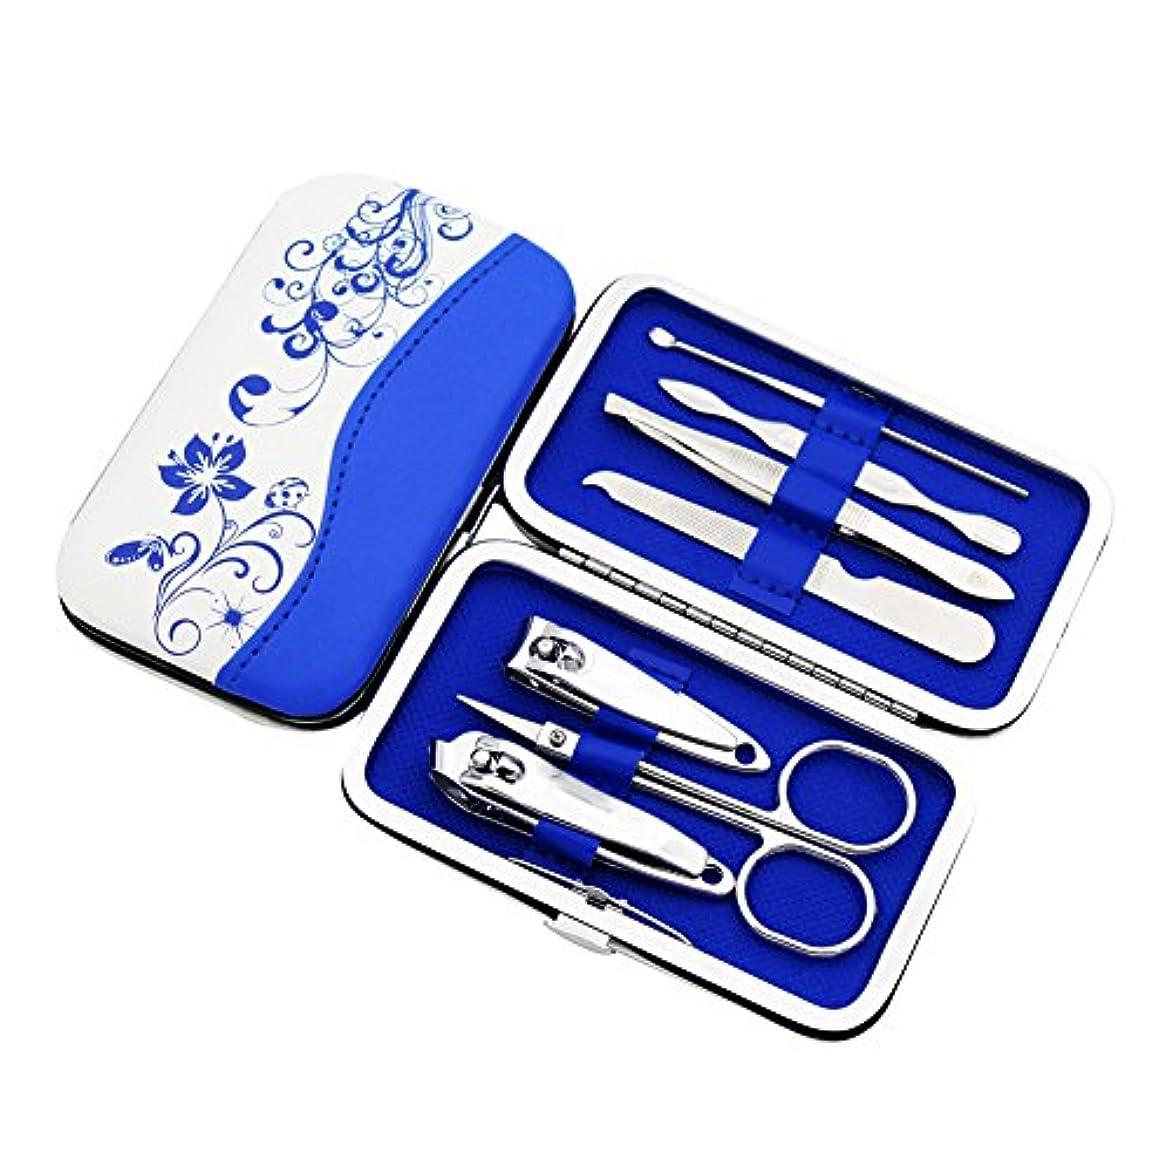 深さ米ドル減るMyMei 爪切り 爪やすり 7点セット ステンレス製 携帯便利 収納ケース付き 耐摩 耐久